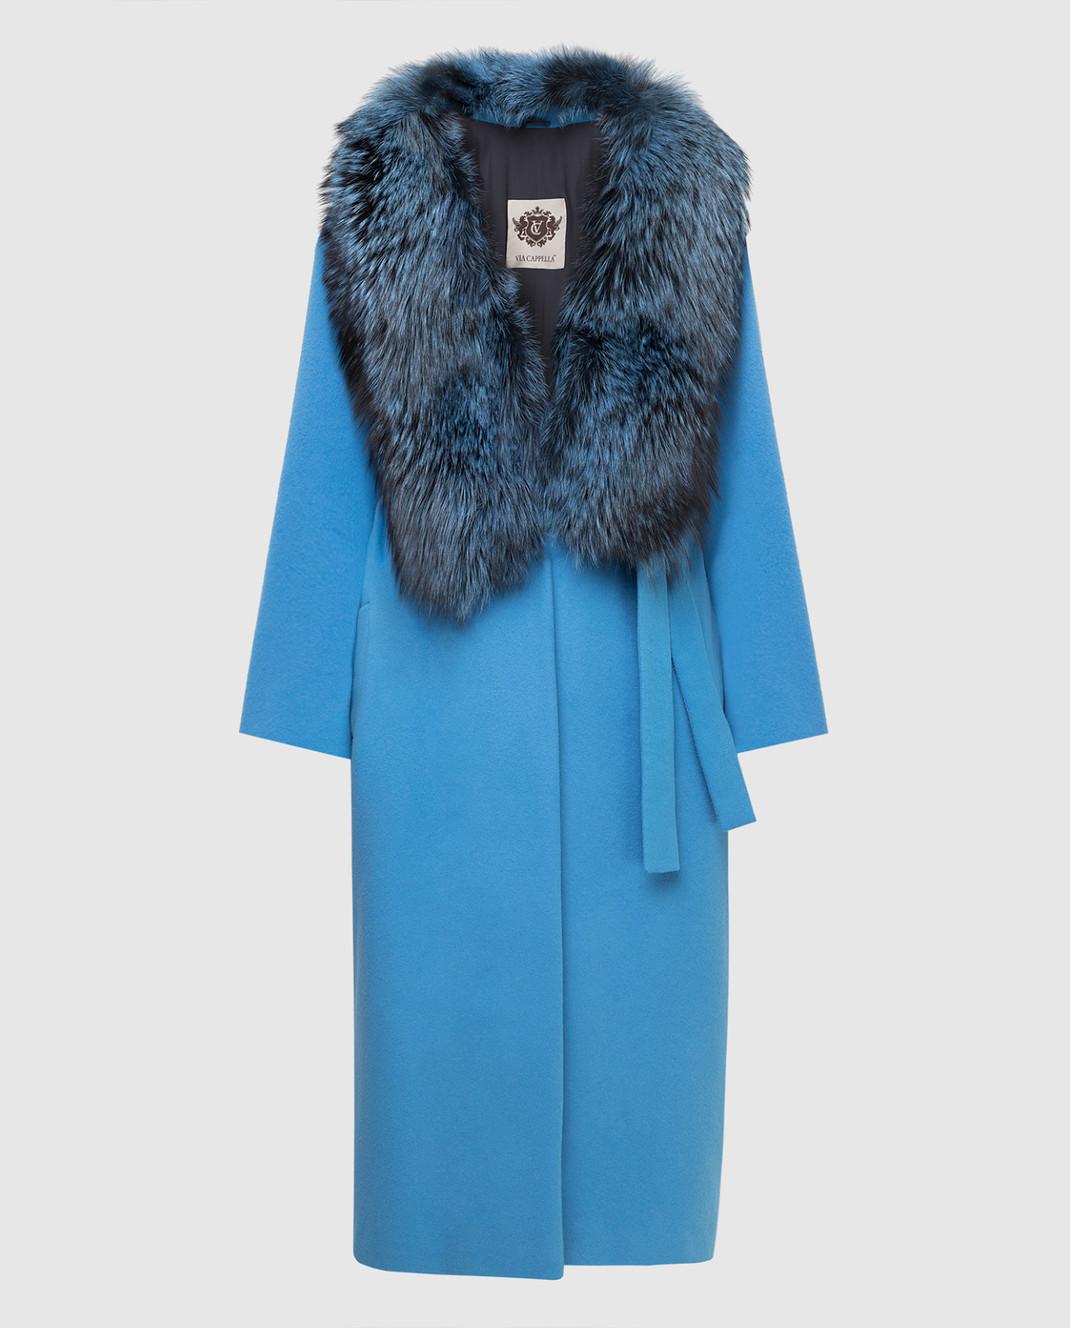 Via Cappella Голубое пальто из кашемира с мехом лисы C171418CASHMIR